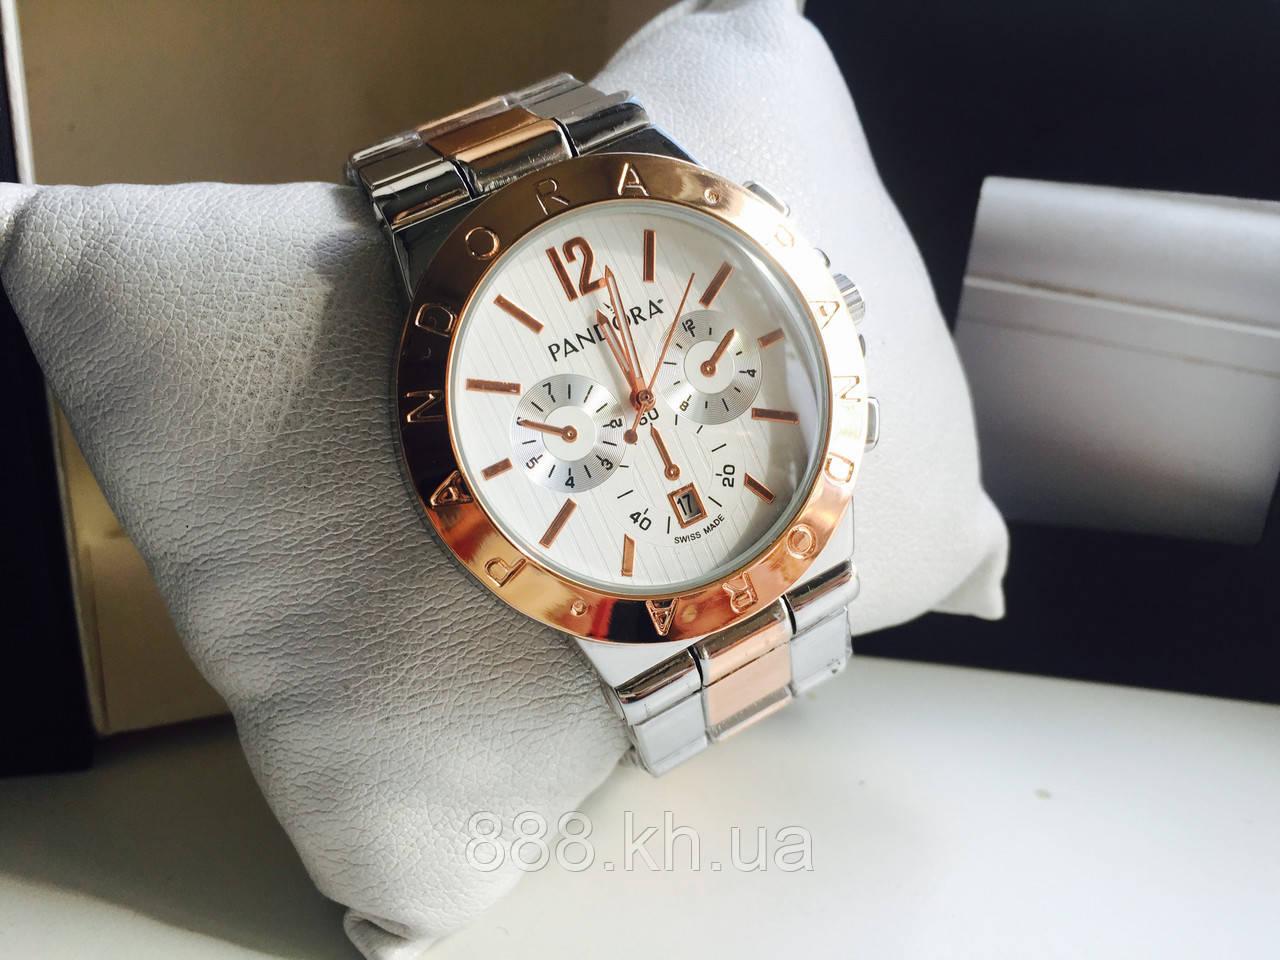 Наручные часы на подарок часы наручные при наполеоне